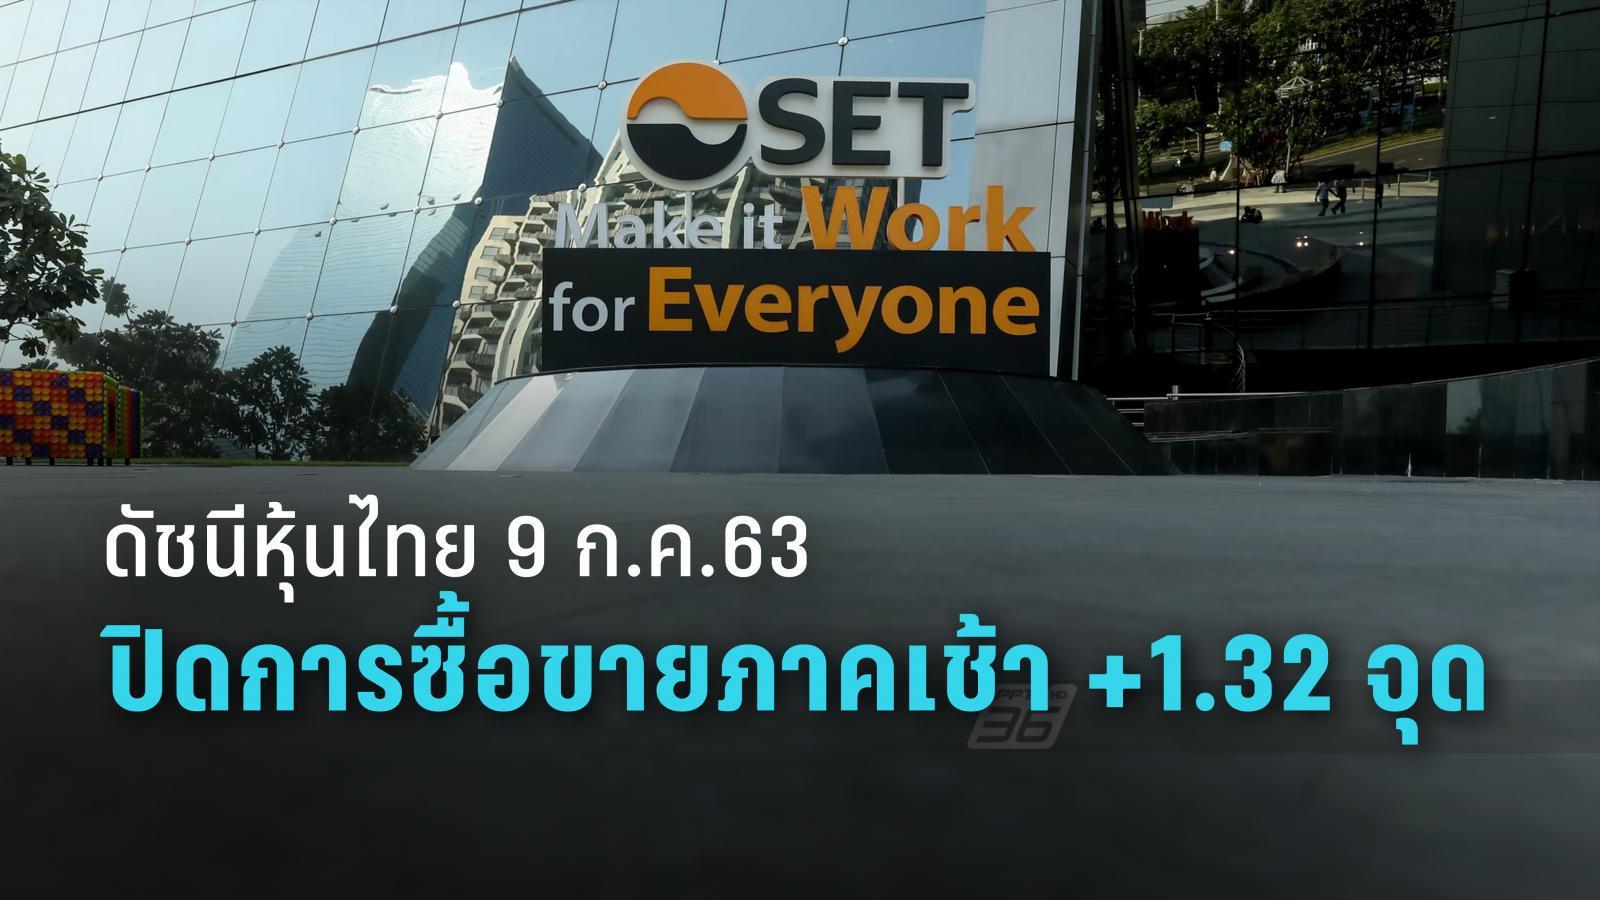 ดัชนีหุ้นไทย 9 ก.ค.63  ปิดการซื้อขายภาคเช้า 1,363.78จุด